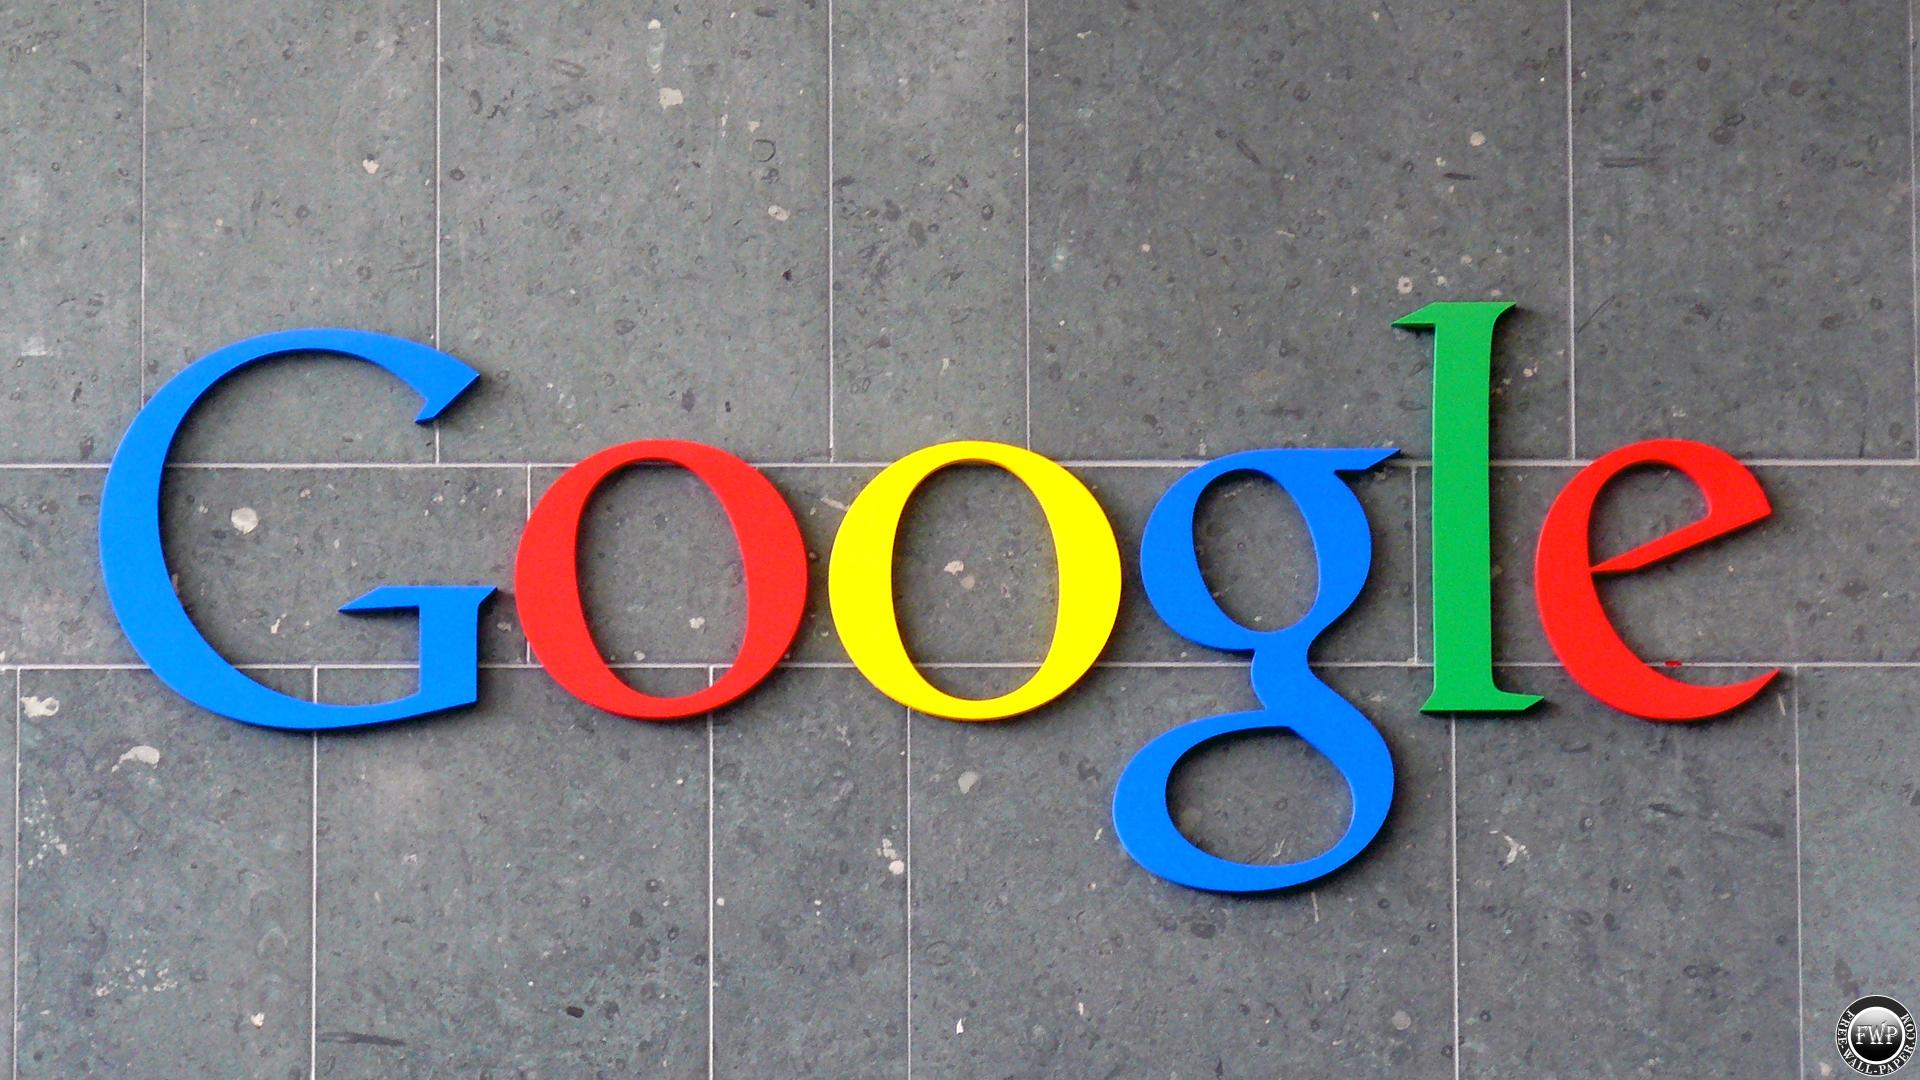 Google Yabancı Kelimeleri Telafuz Etmenize Yardım Ediyor